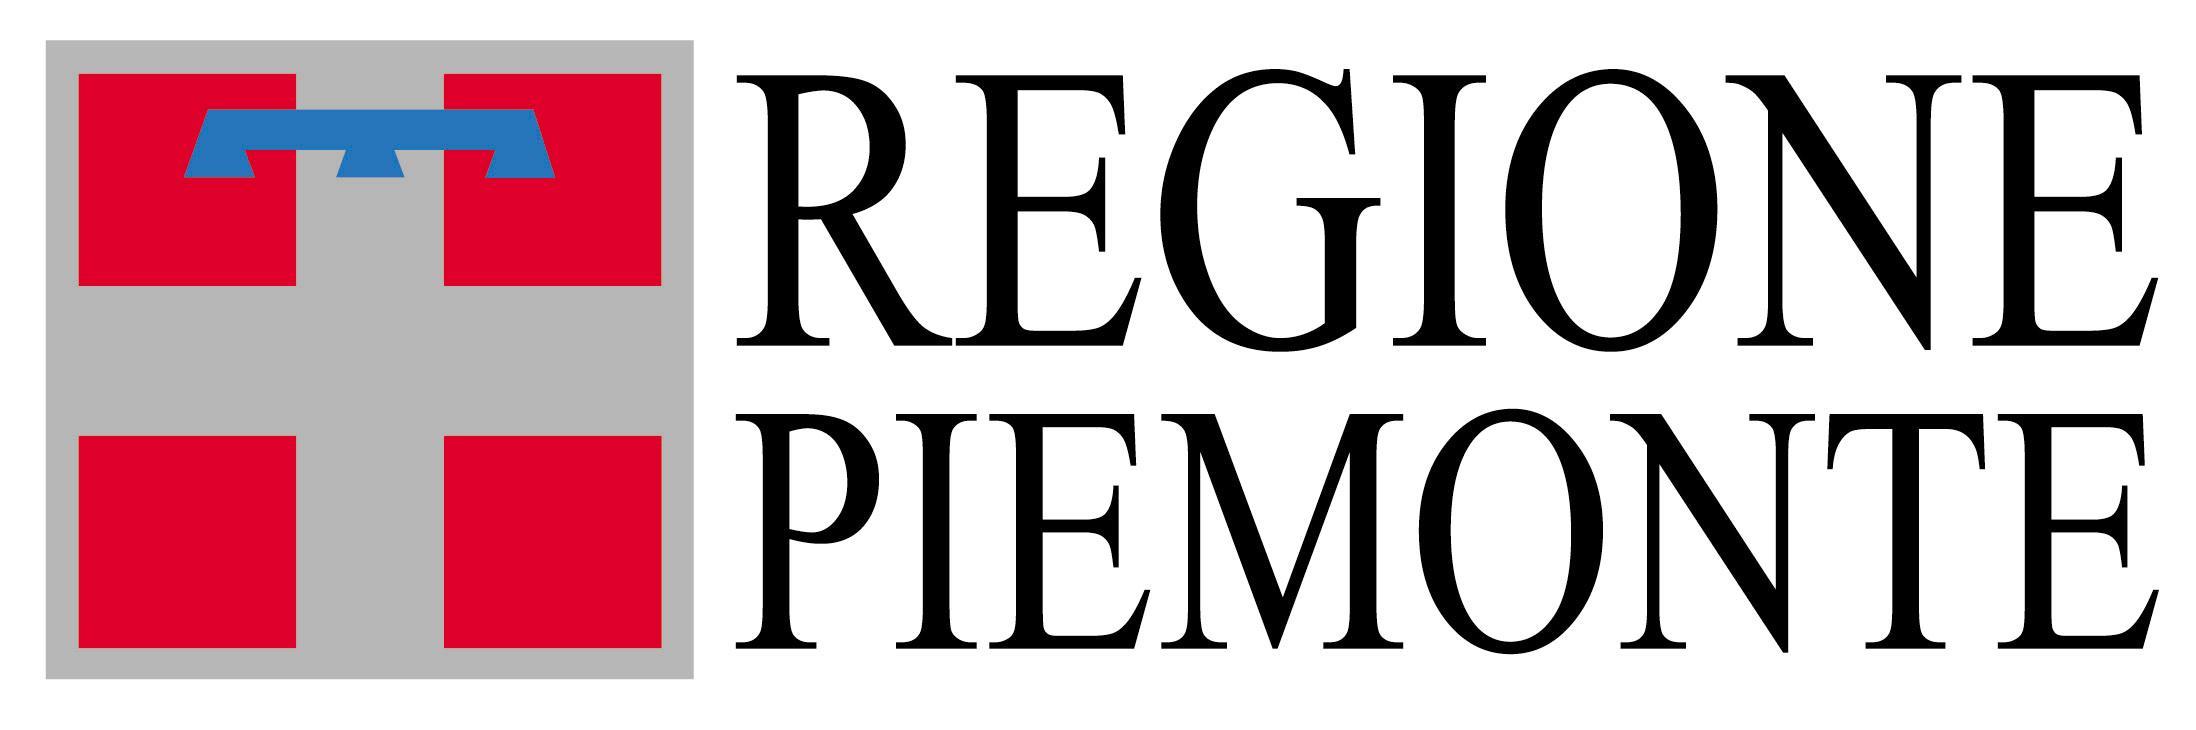 REGIONE PIEMONTE LOGO.jpg